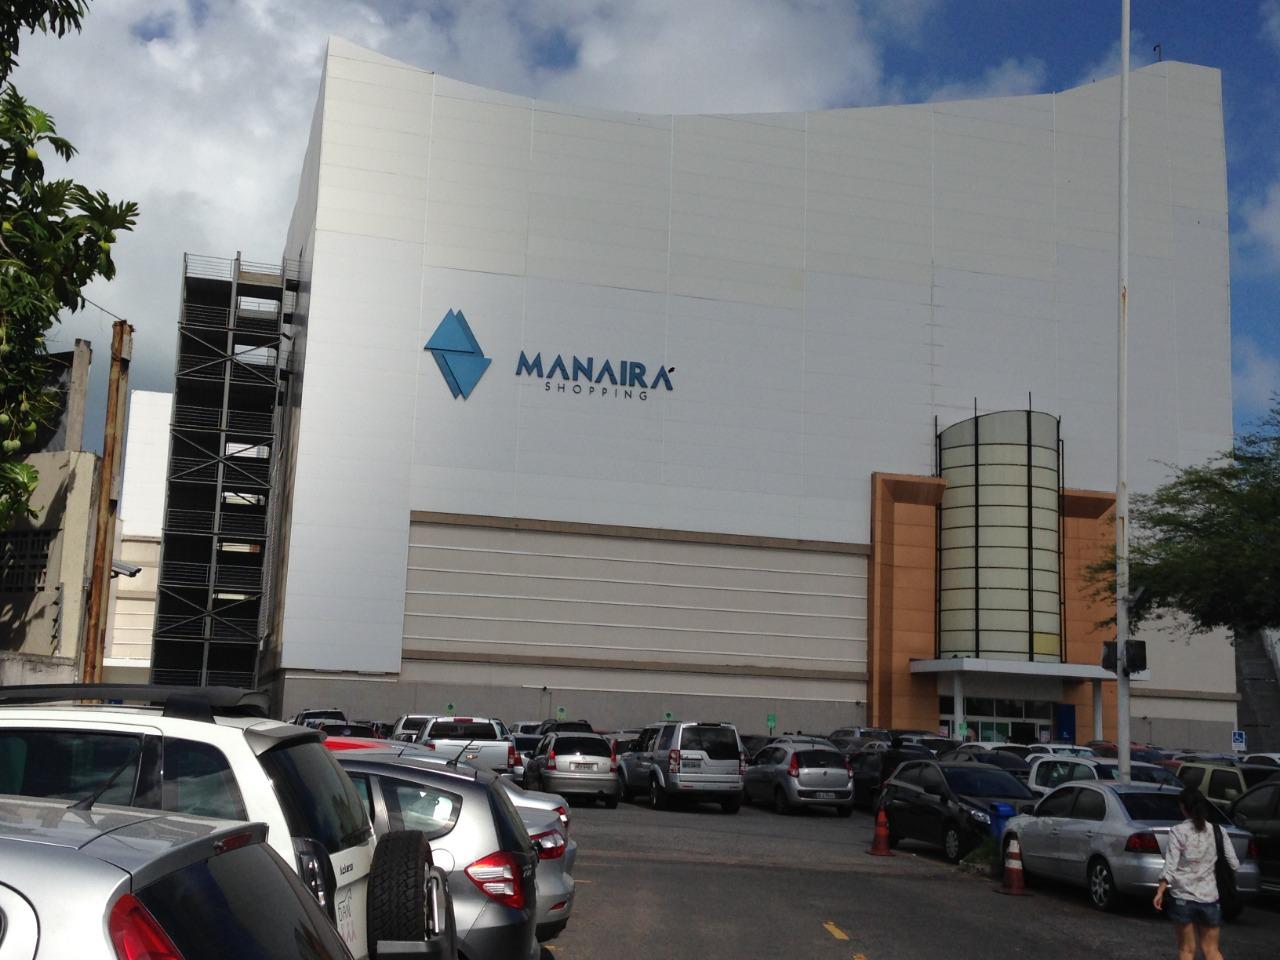 d7722946 b778 433b b35c 77effb48b53e - CMJP vota PL que impede cobrança de estacionamento em shoppings para clientes